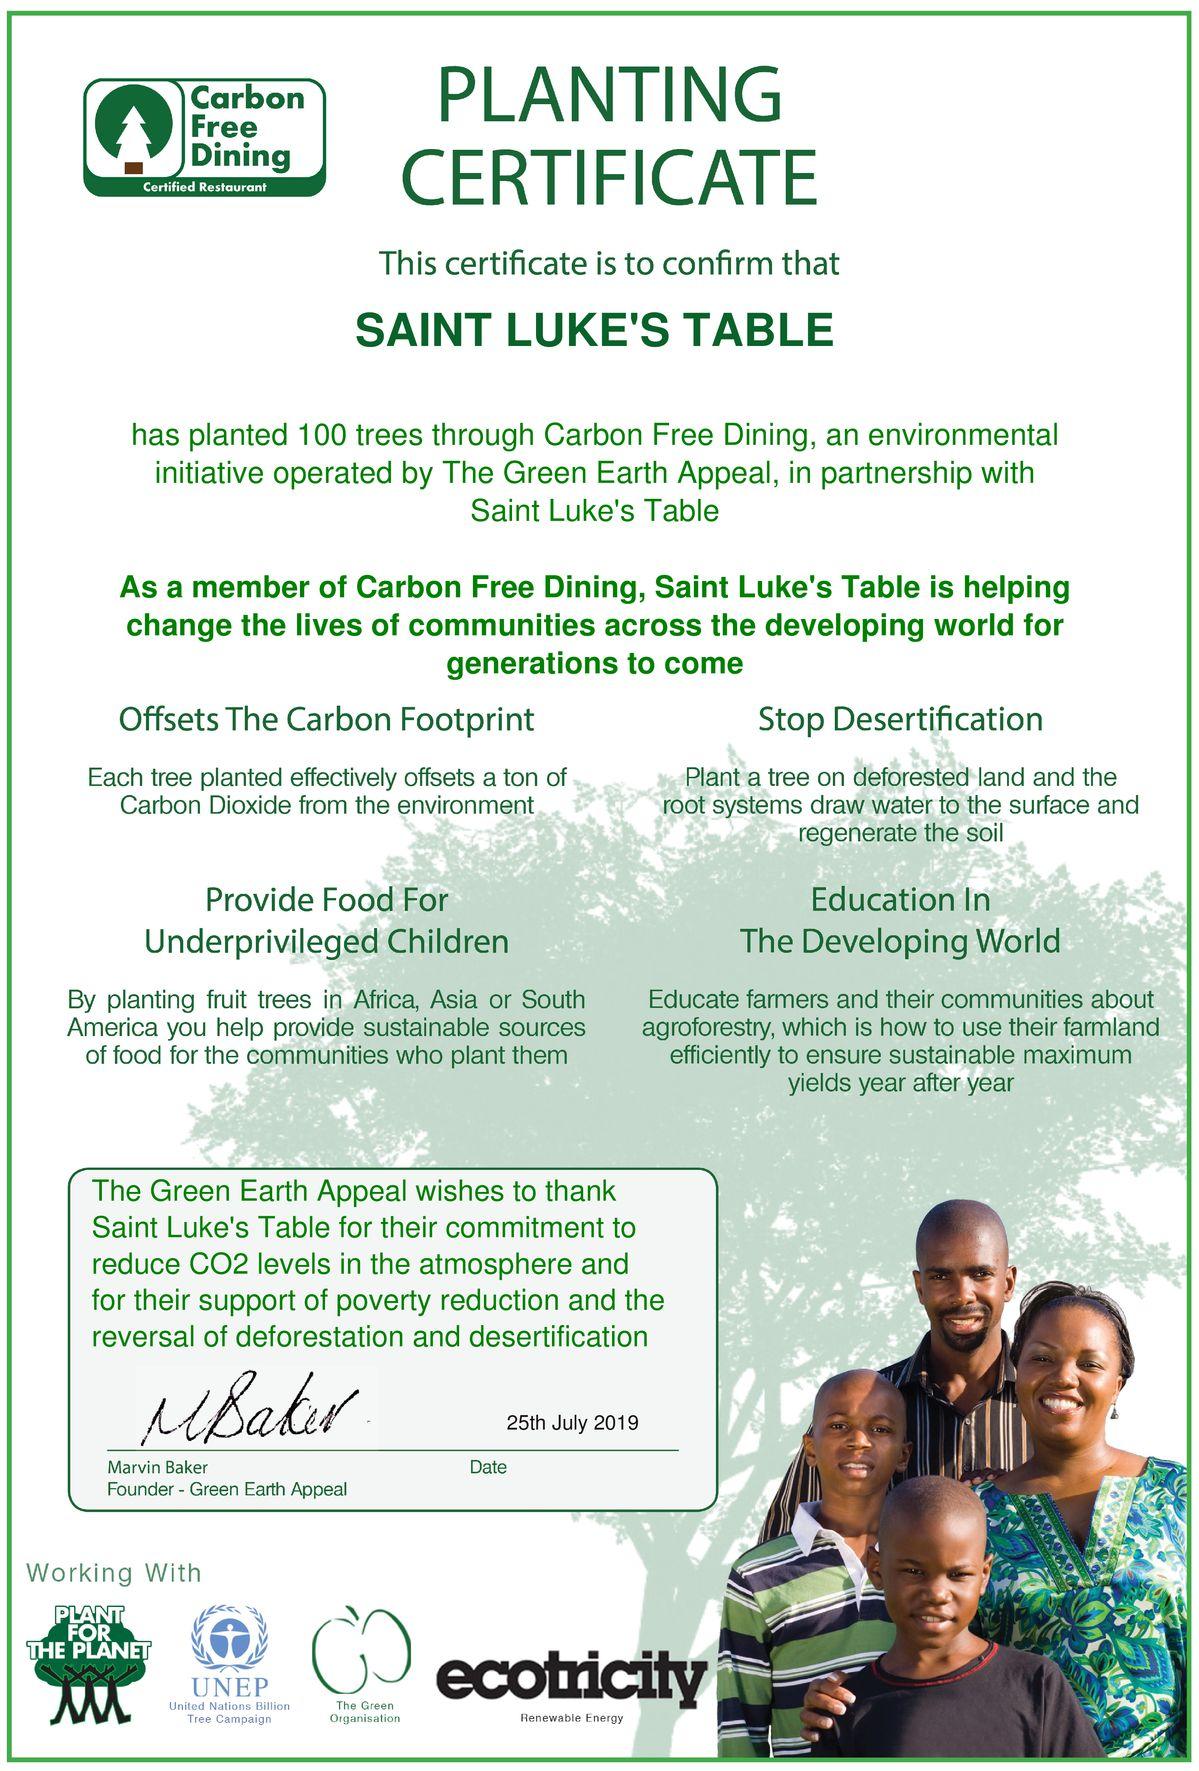 La table de saint Luc